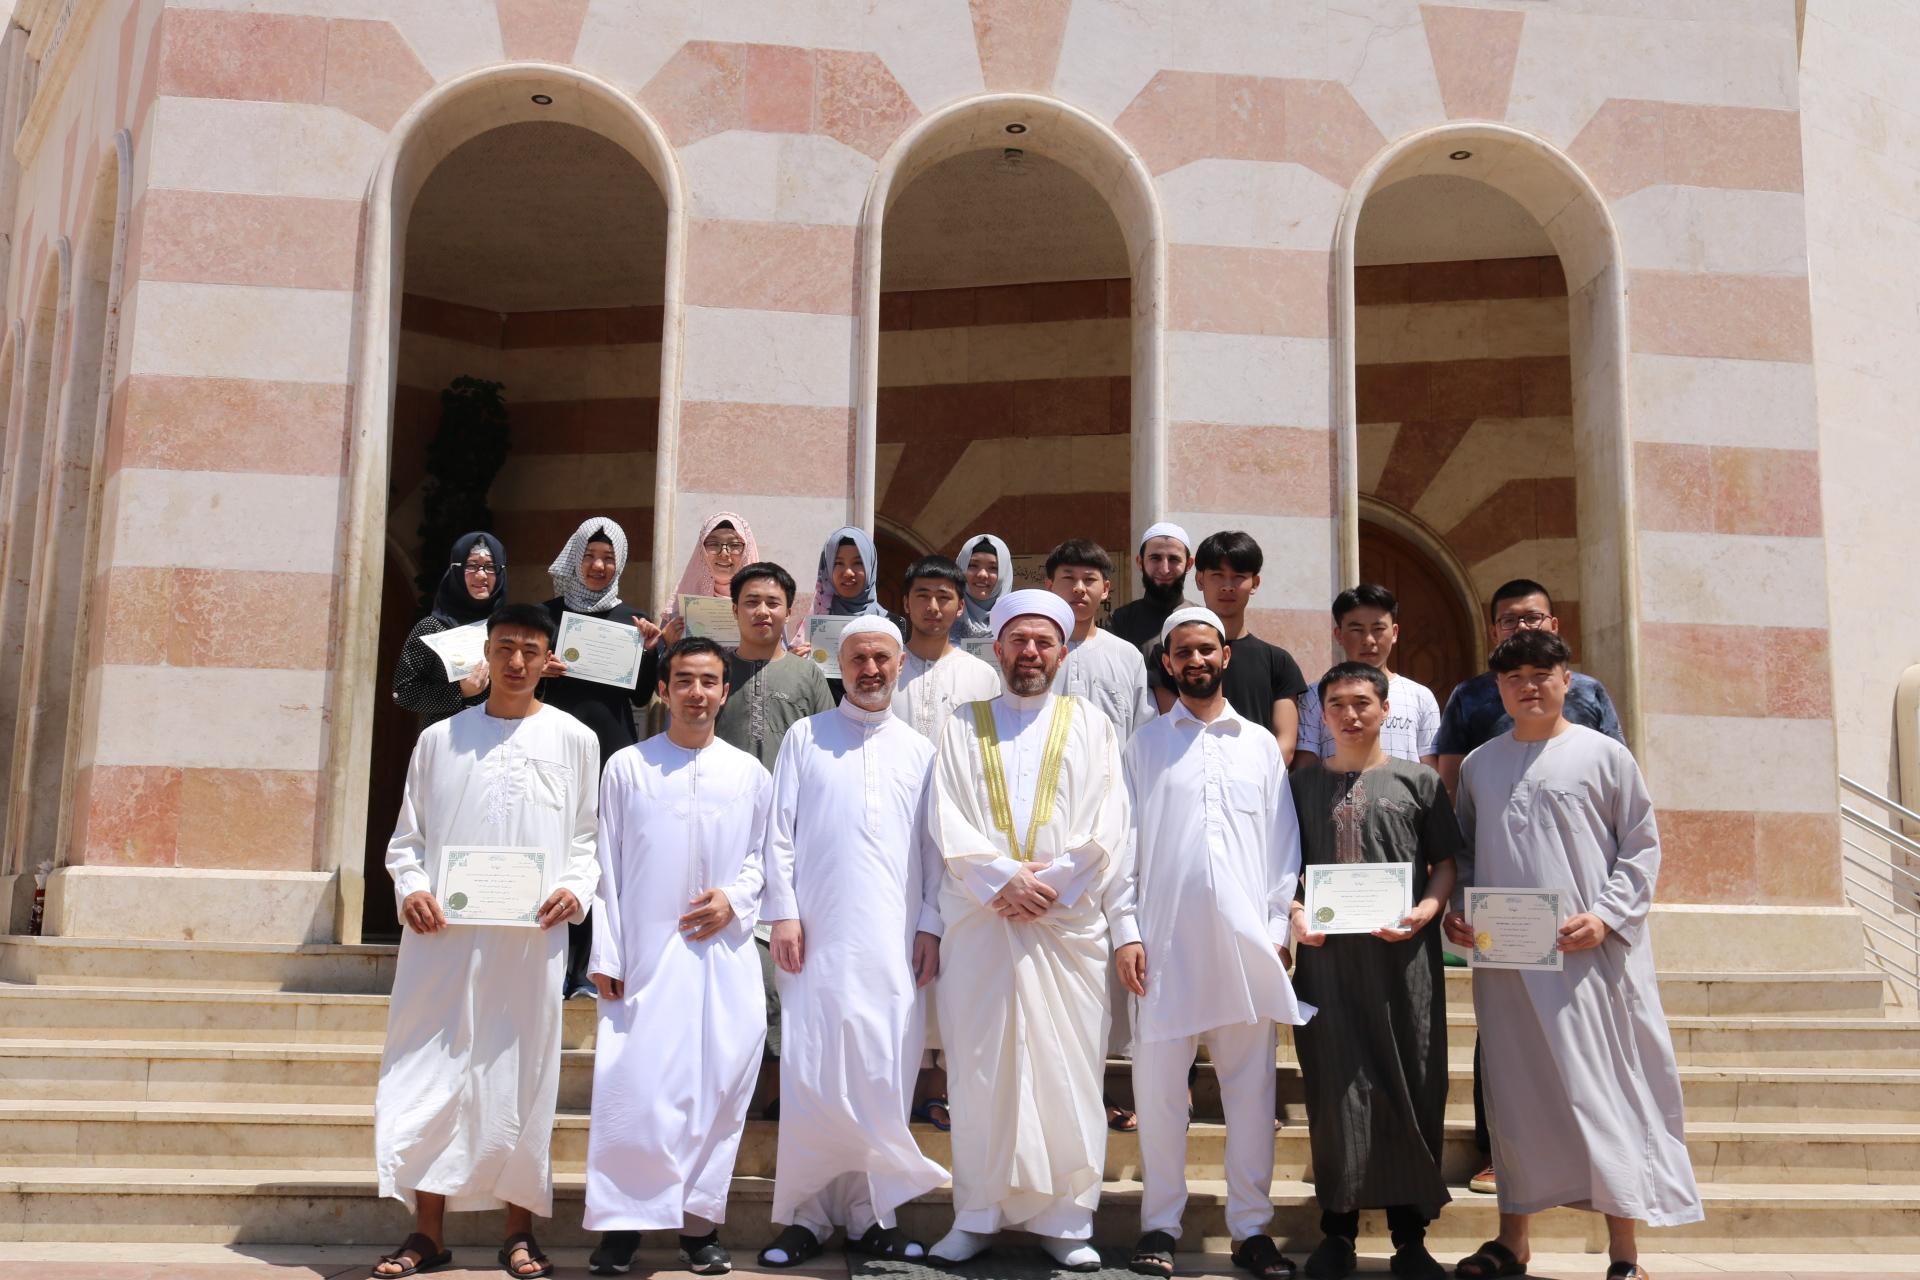 رئيس جامعة طرابلس يوزع شهادات إنهاء مستويات اللغة العربية للطلاب الصينيين (3/3)